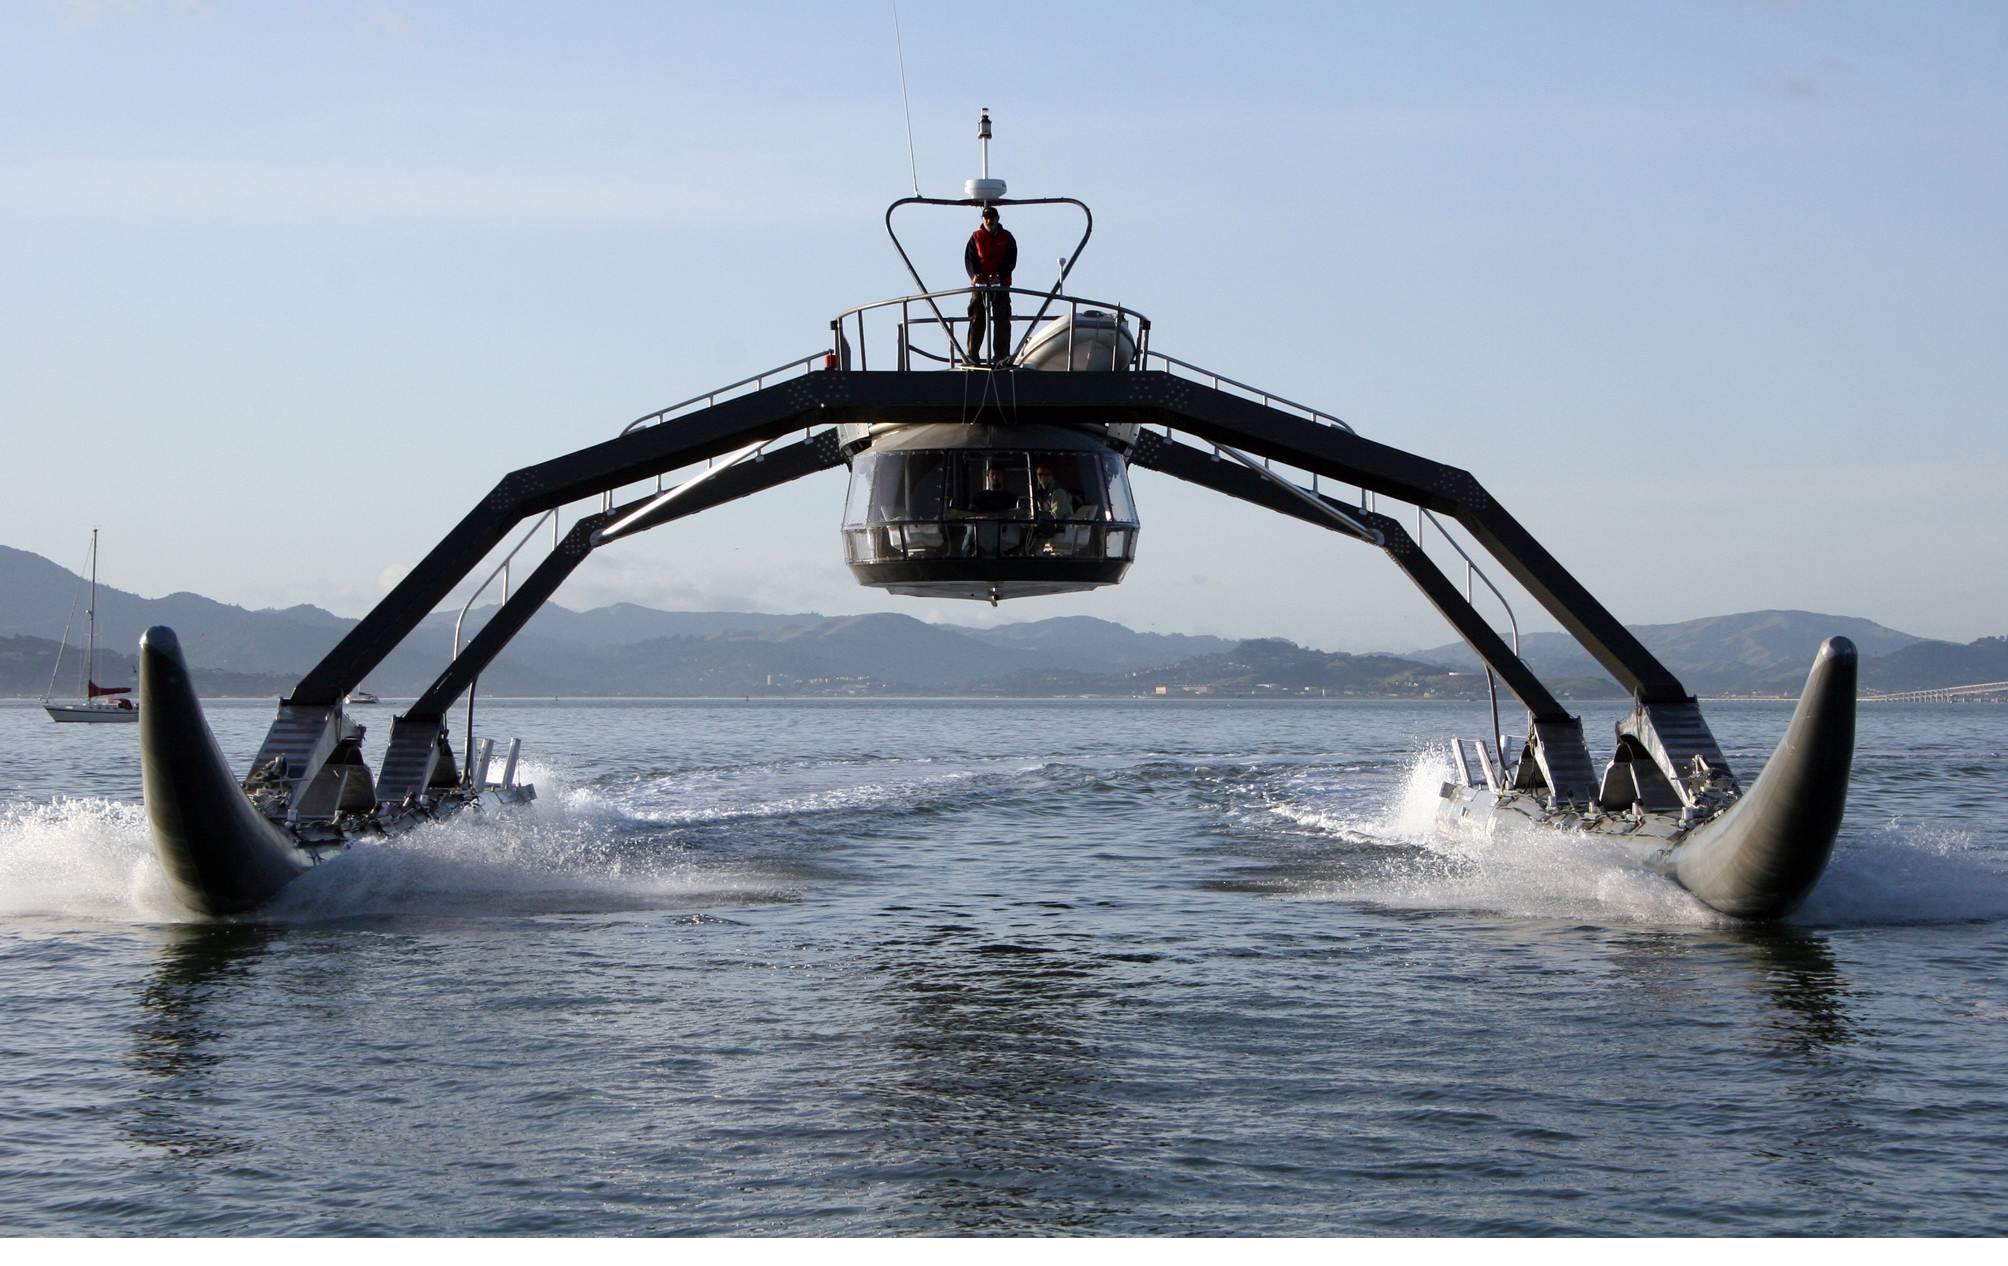 DAs WAM-V kommt daher wie ein Spinne, weist aber ein flexibles und interessantes Konzept auf, das auf Schlauchbootrümpfen basiert.